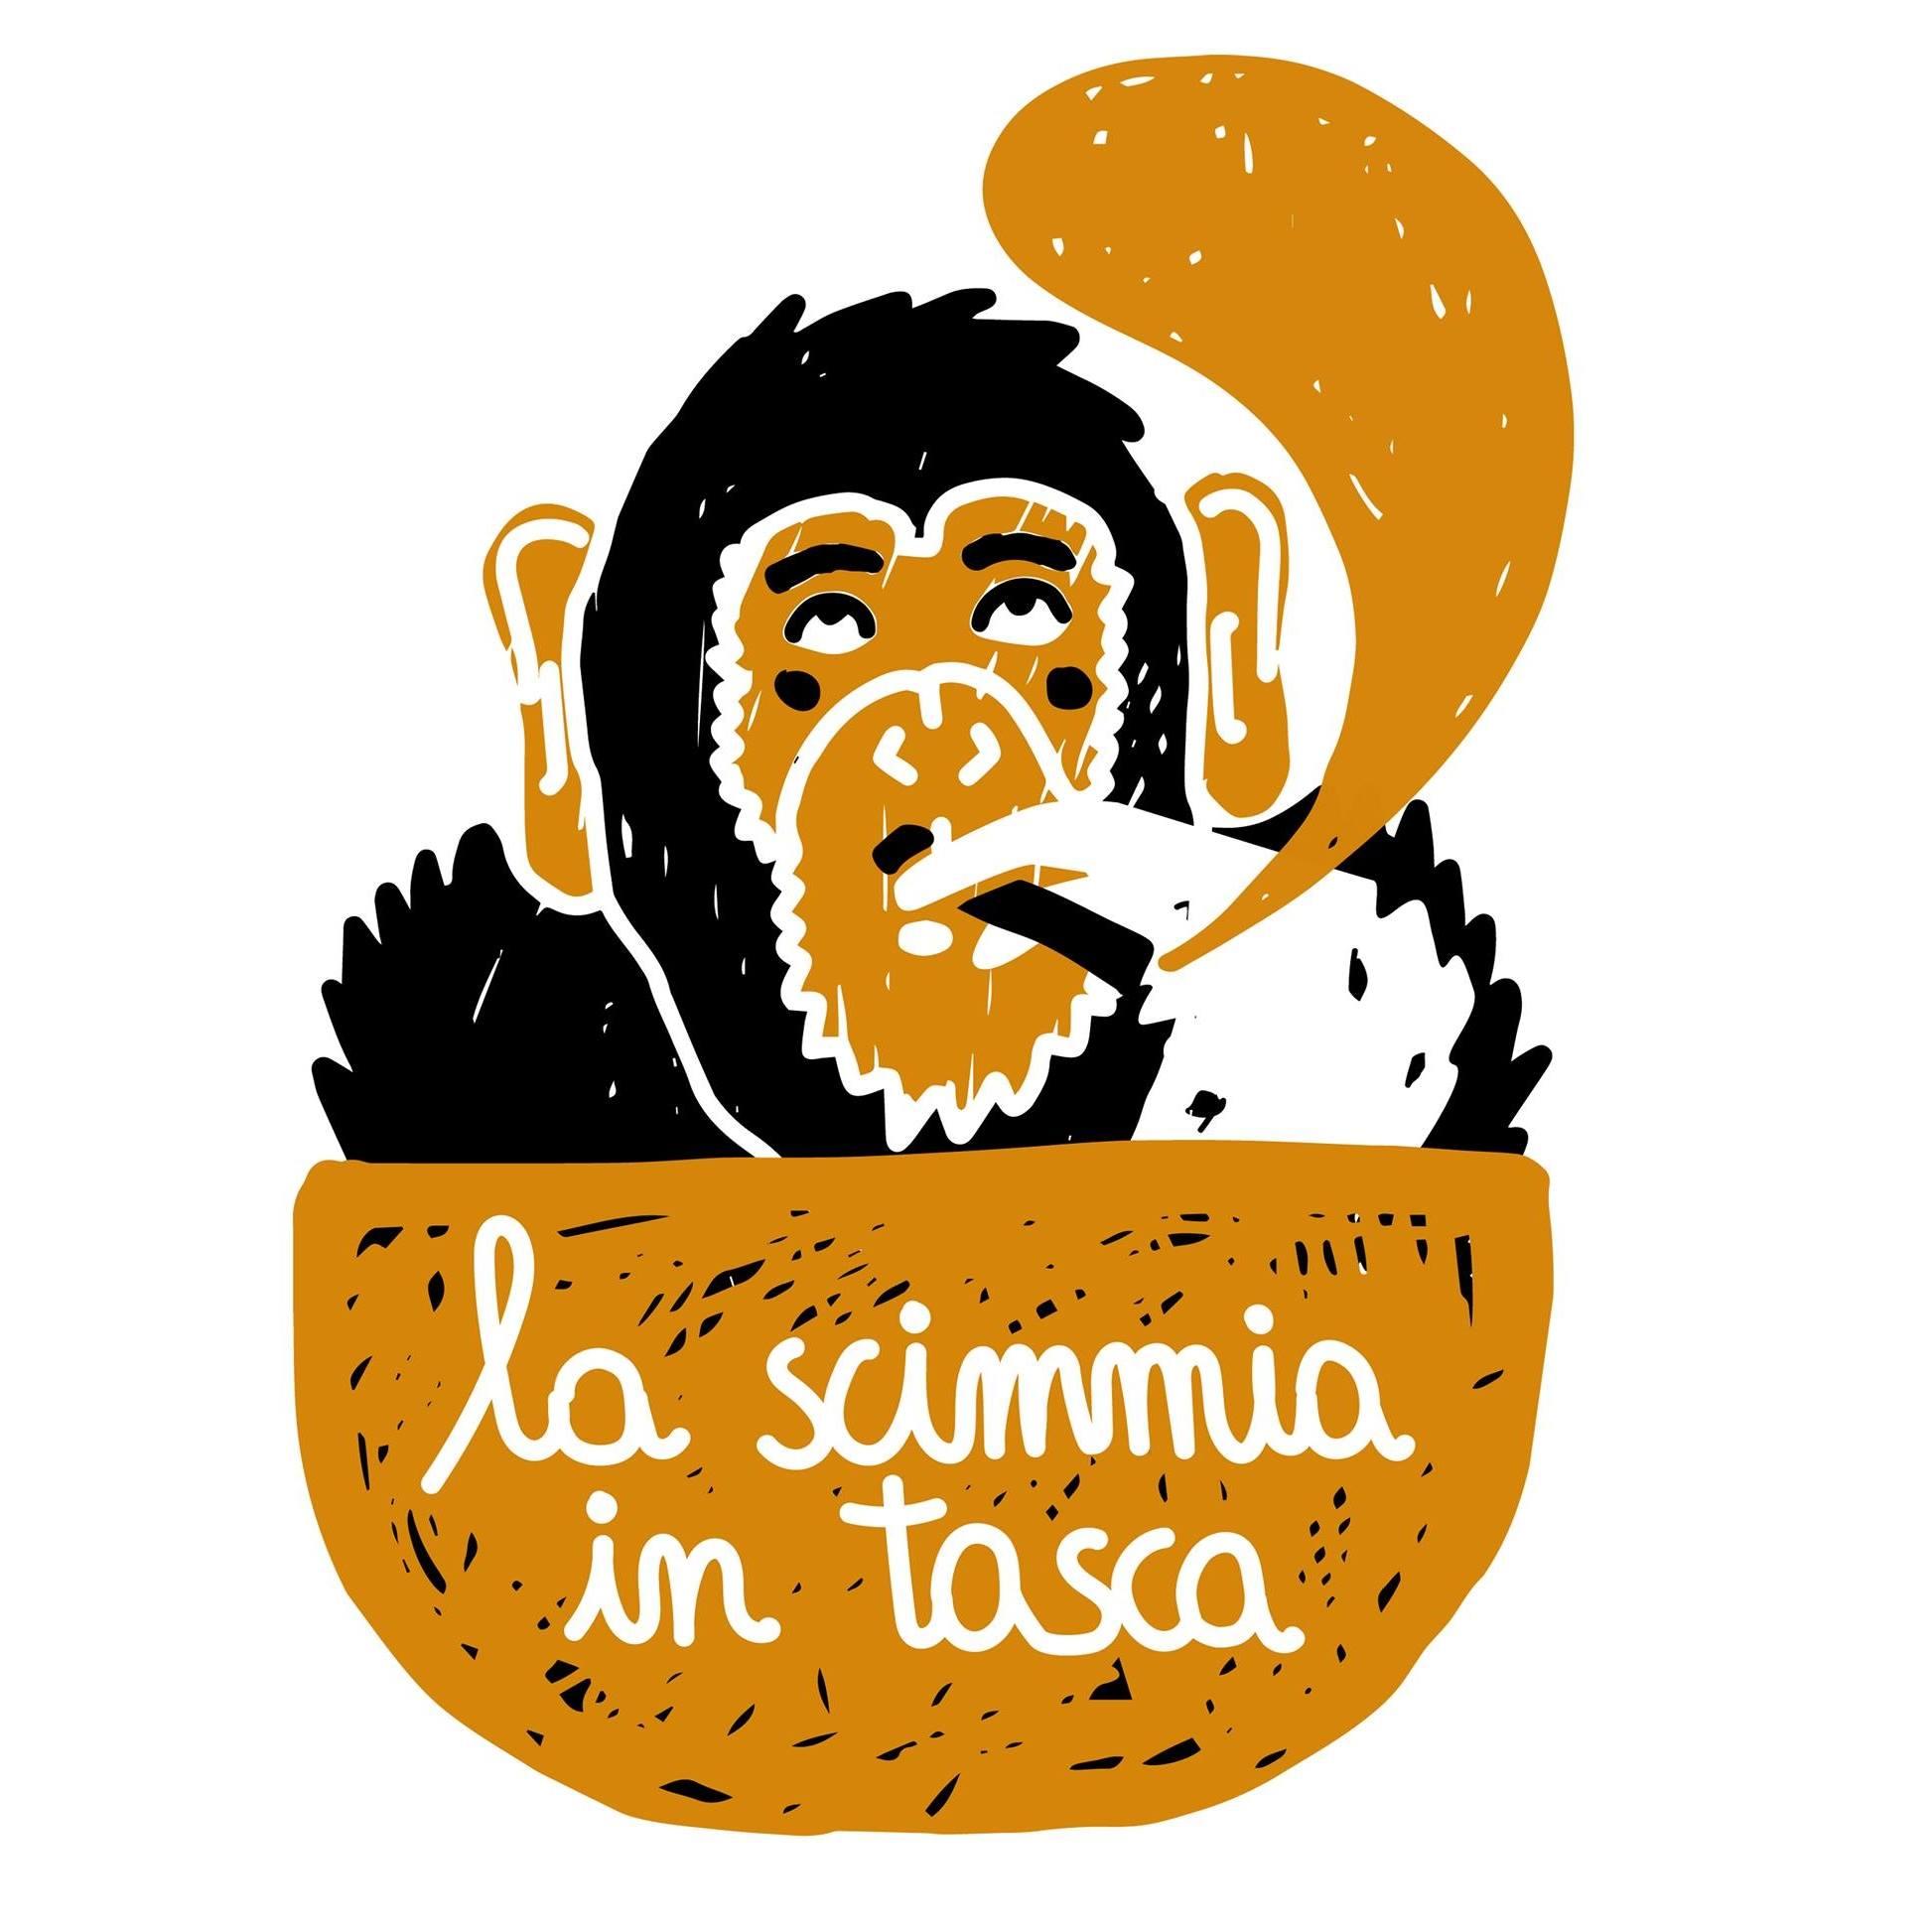 Aula studio alla Scimmia in tasca